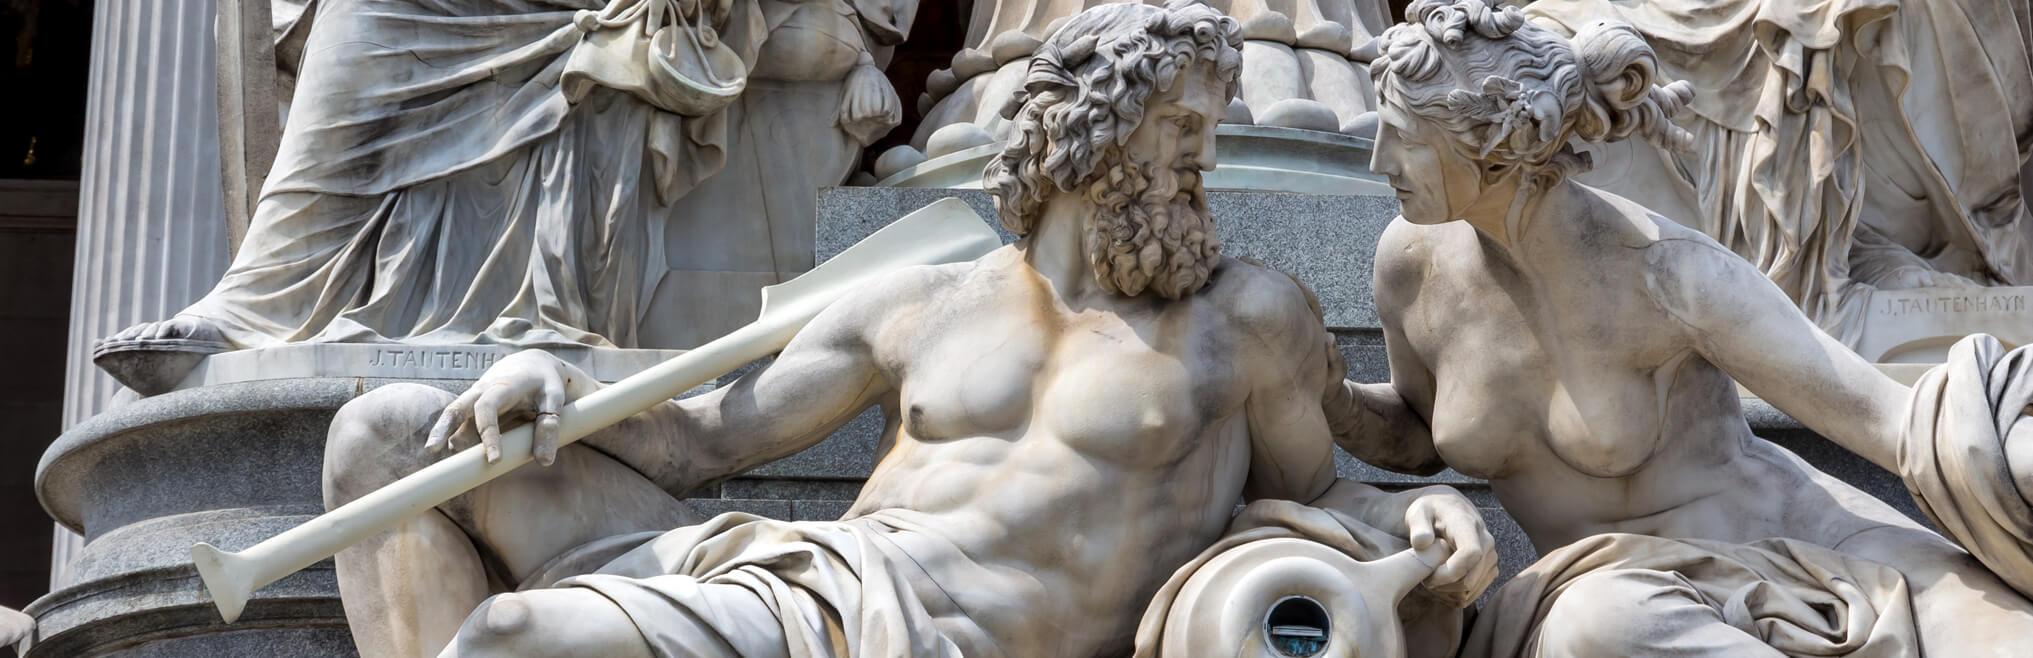 Skulpturen & Statuen|br|für den Garten, Wir bieten Replikate von |br|kunstvollen original Skulpuren |br|der Europäischen Klassik |br|von Michelangelo bis Rodin.|btn| Zu den Skulpturen